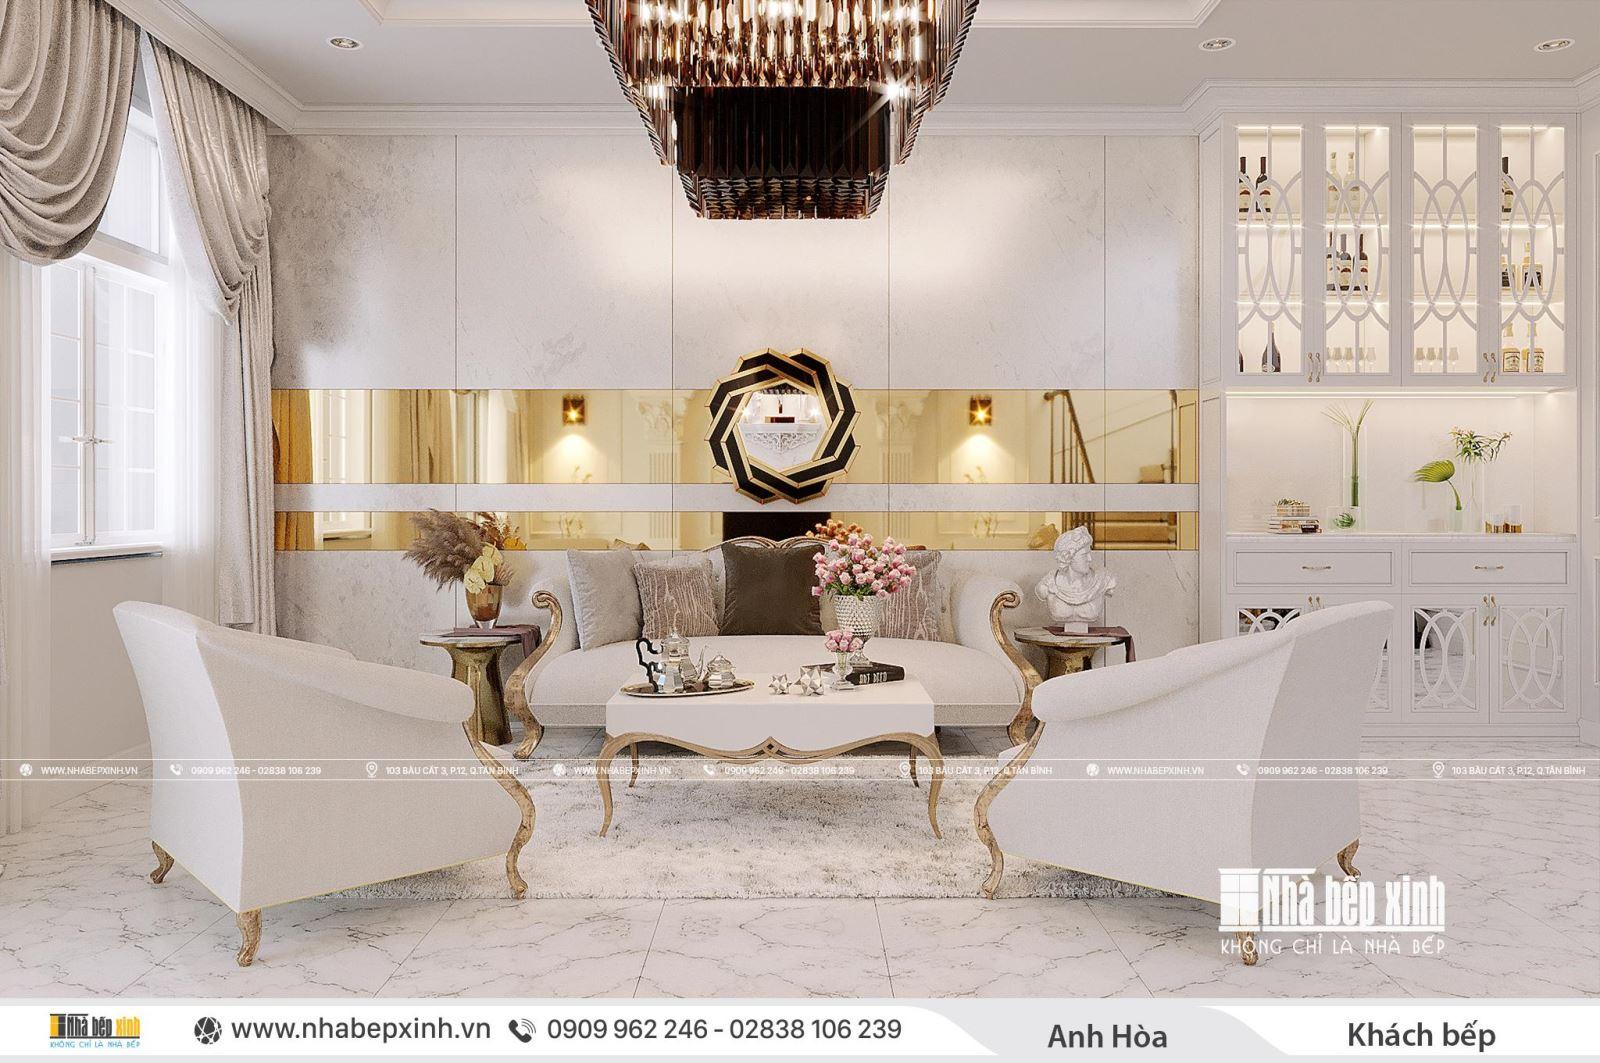 Thiết kế và thi công nội thất trọn gói đẹp mang phong cách tân cổ điển